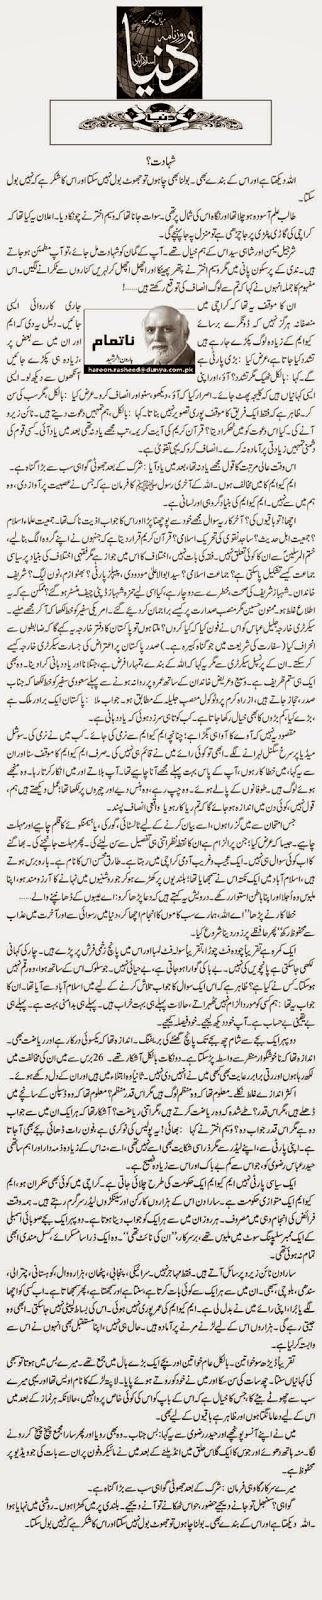 22 Octiber 2013, 90, Altaf Hussain, Dunya, Haroon Al Rasheed, Haroon ur Rasheed, karachi, MQM, Nine Zero, pakistan, Roznama Dunya